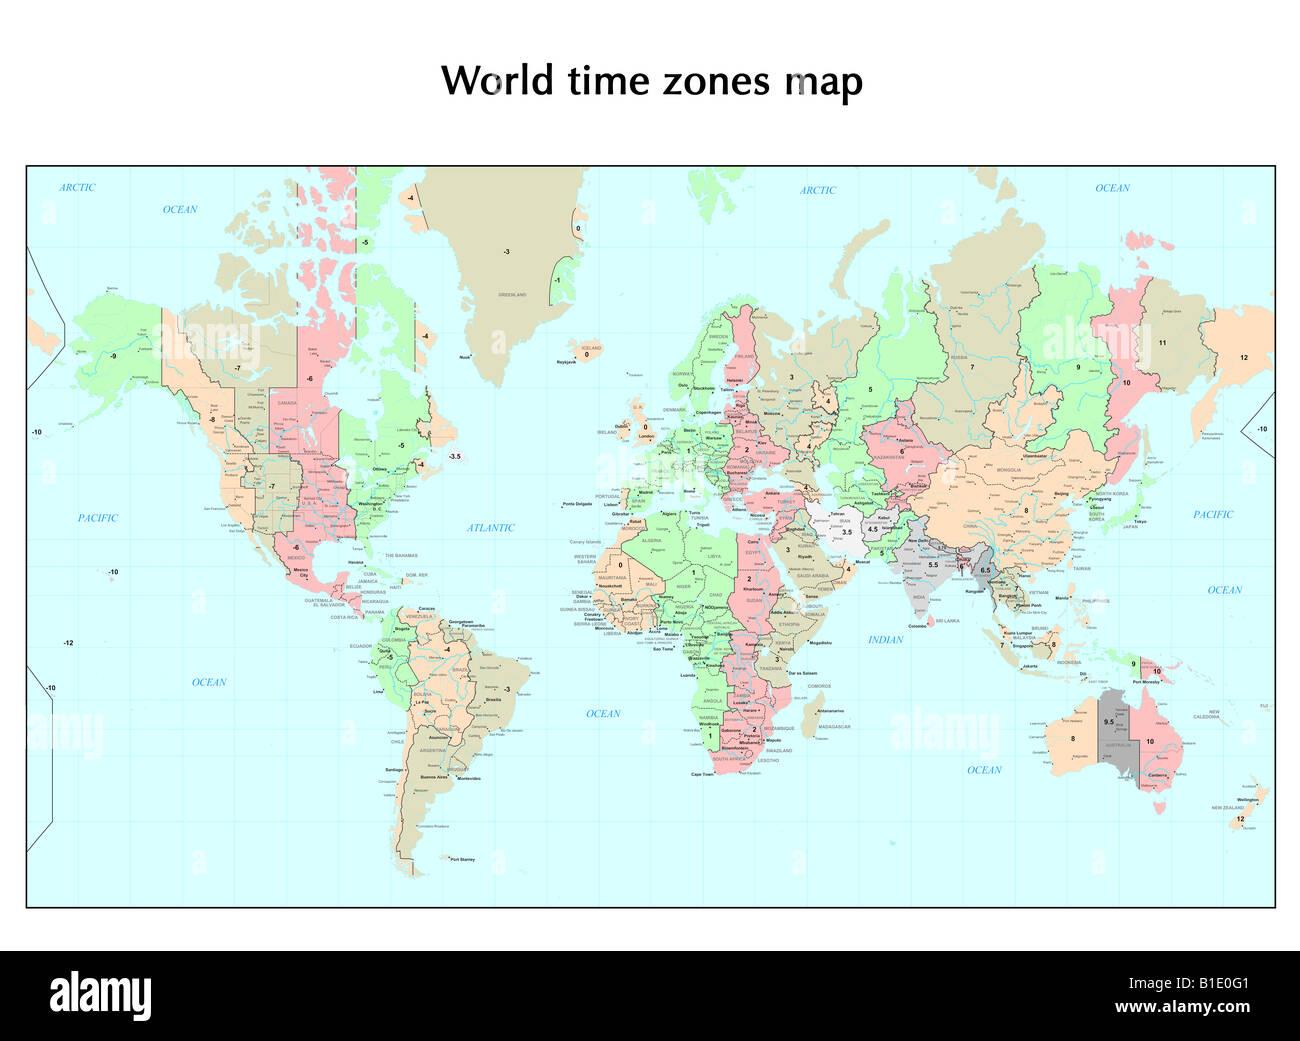 zeitzonen karte welt Welt Zeitzonen Karte Stockfoto, Bild: 18132801   Alamy zeitzonen karte welt